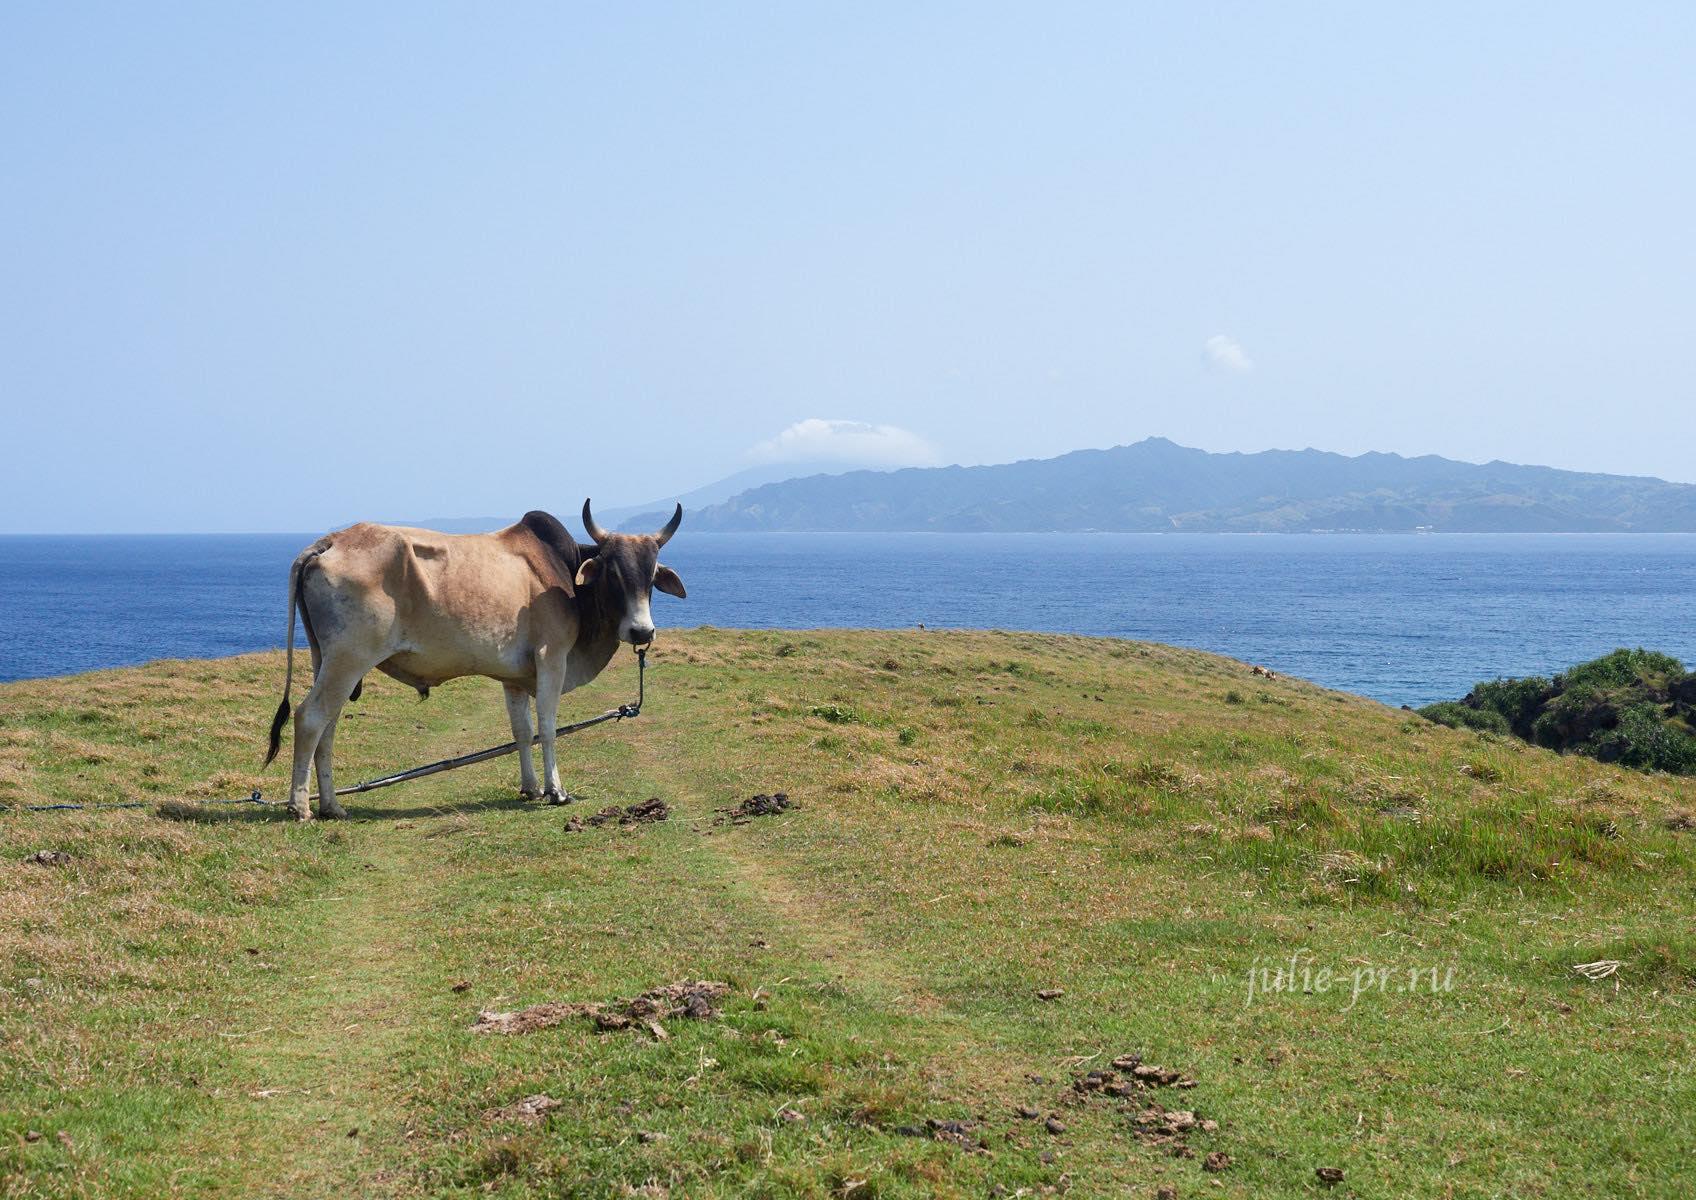 Филиппины, острова Батанес, бык